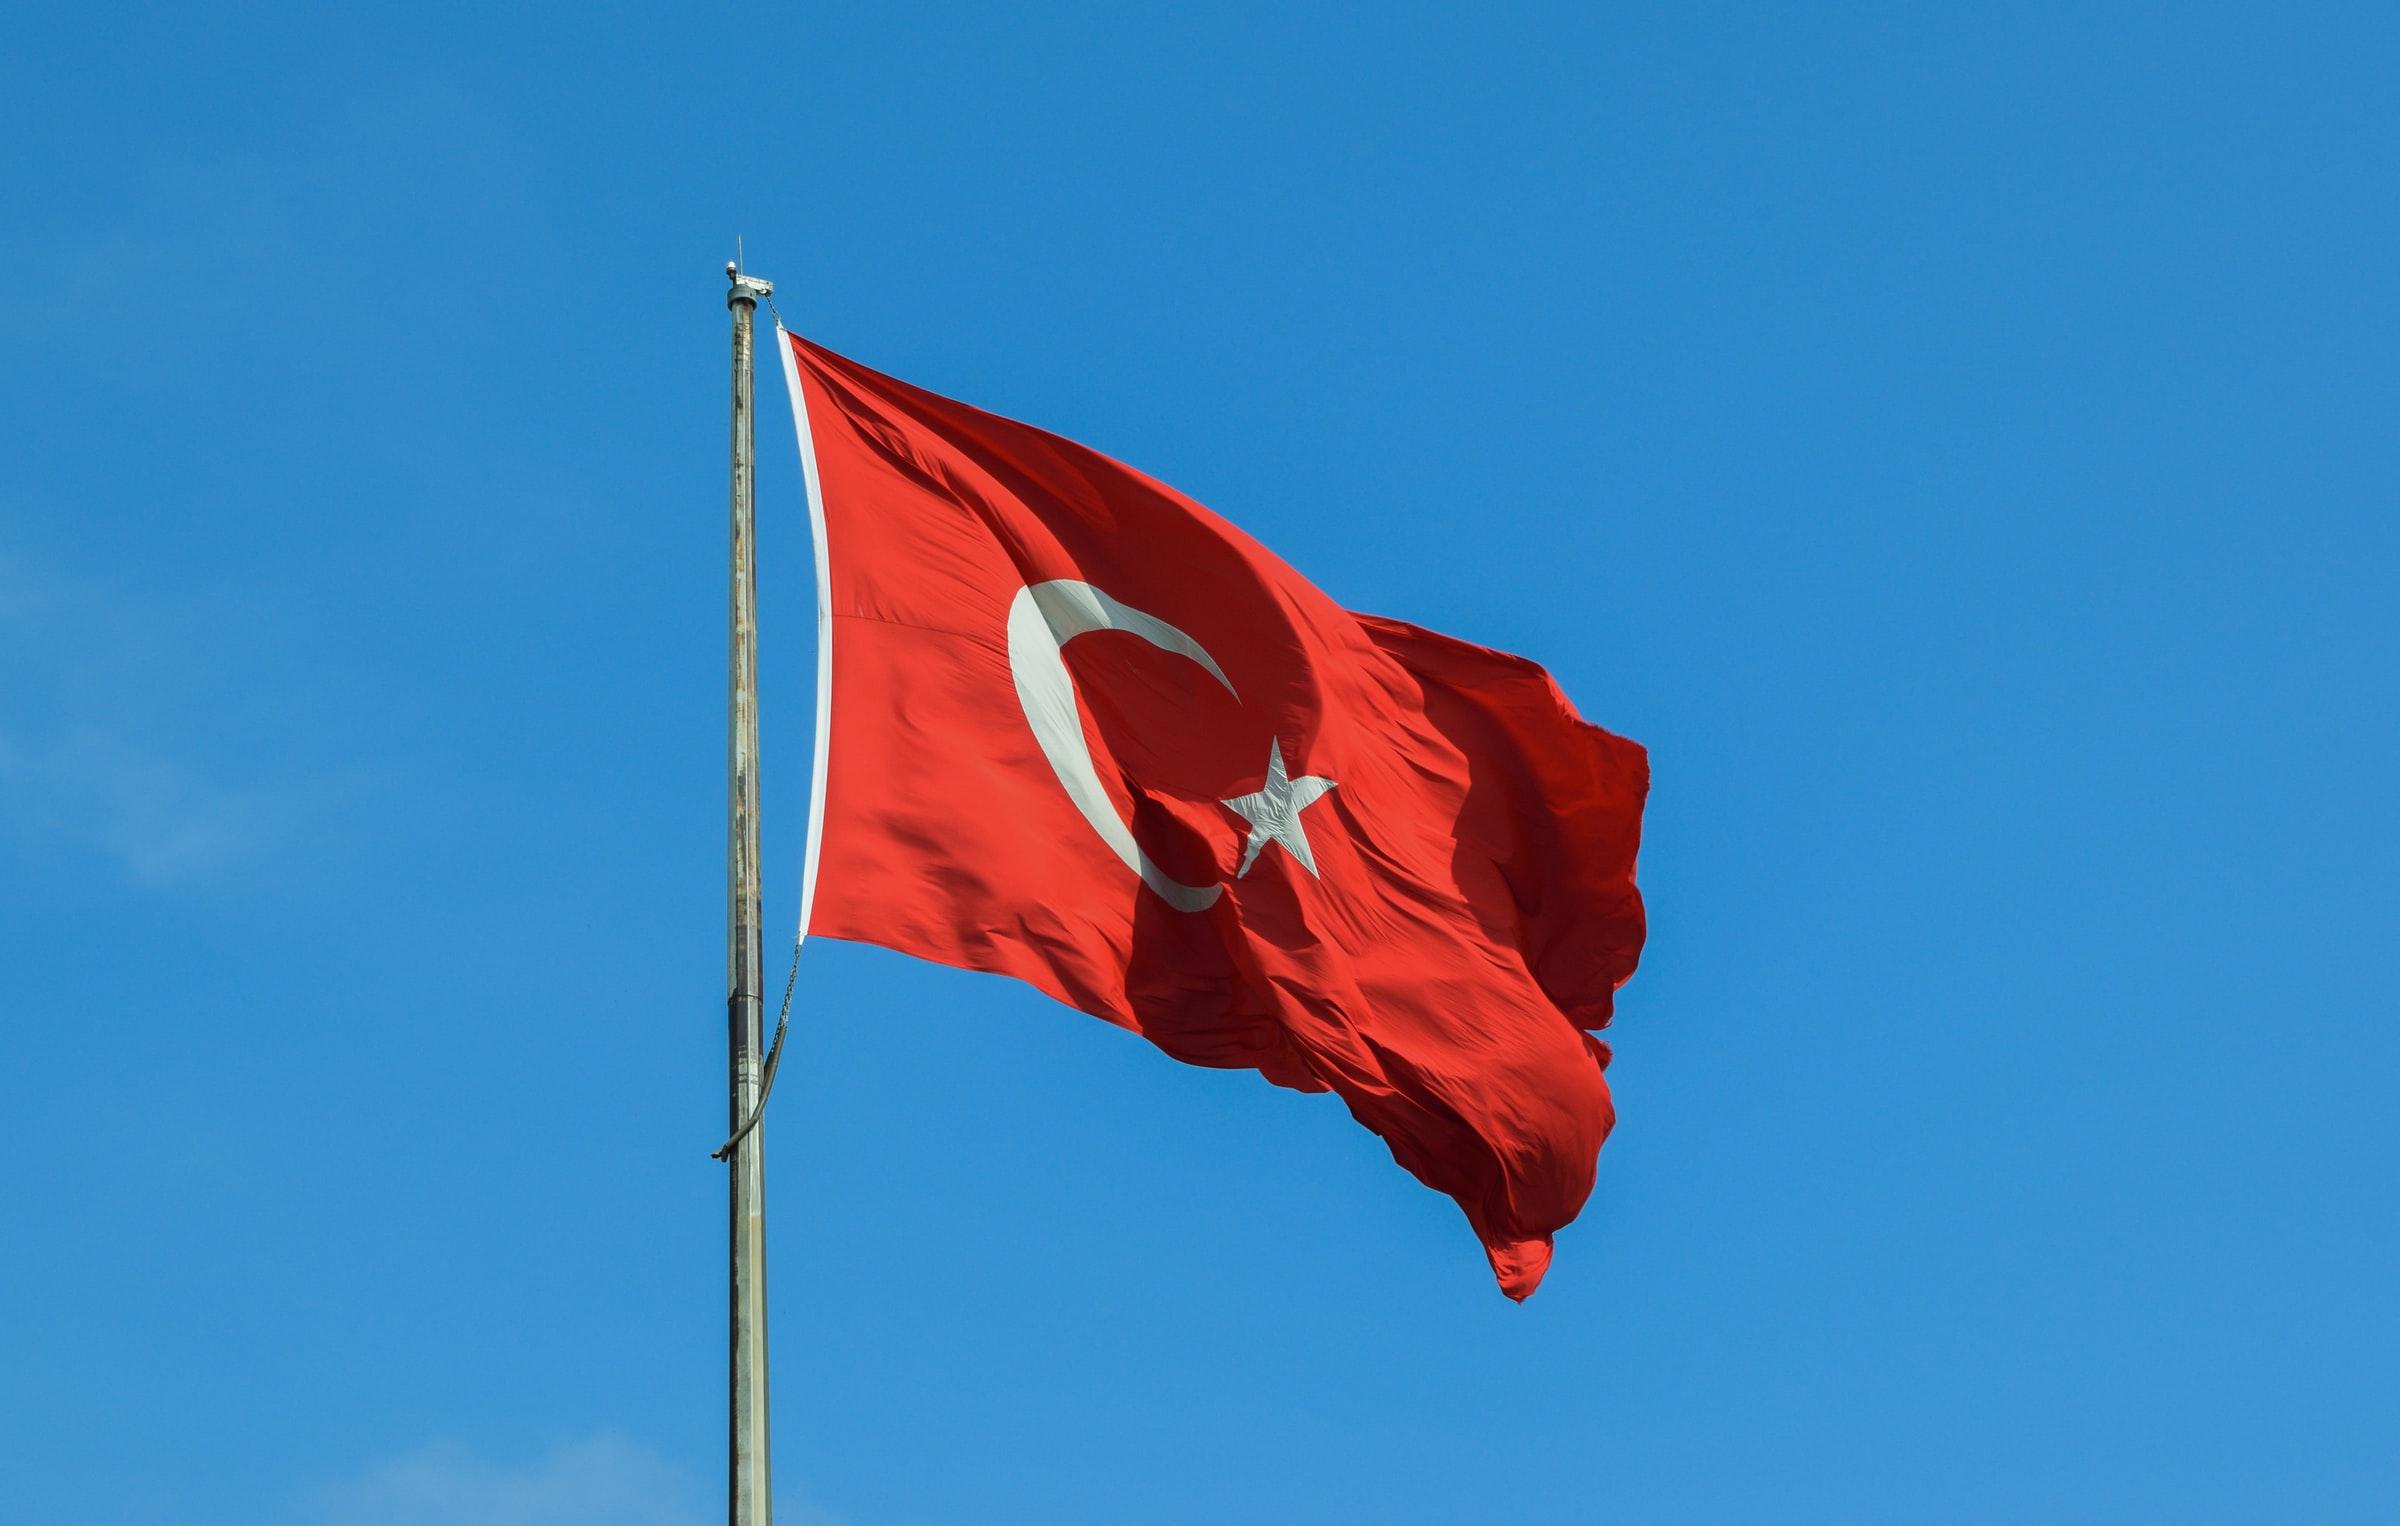 Turkiet rally efter uppgradering av Fitch